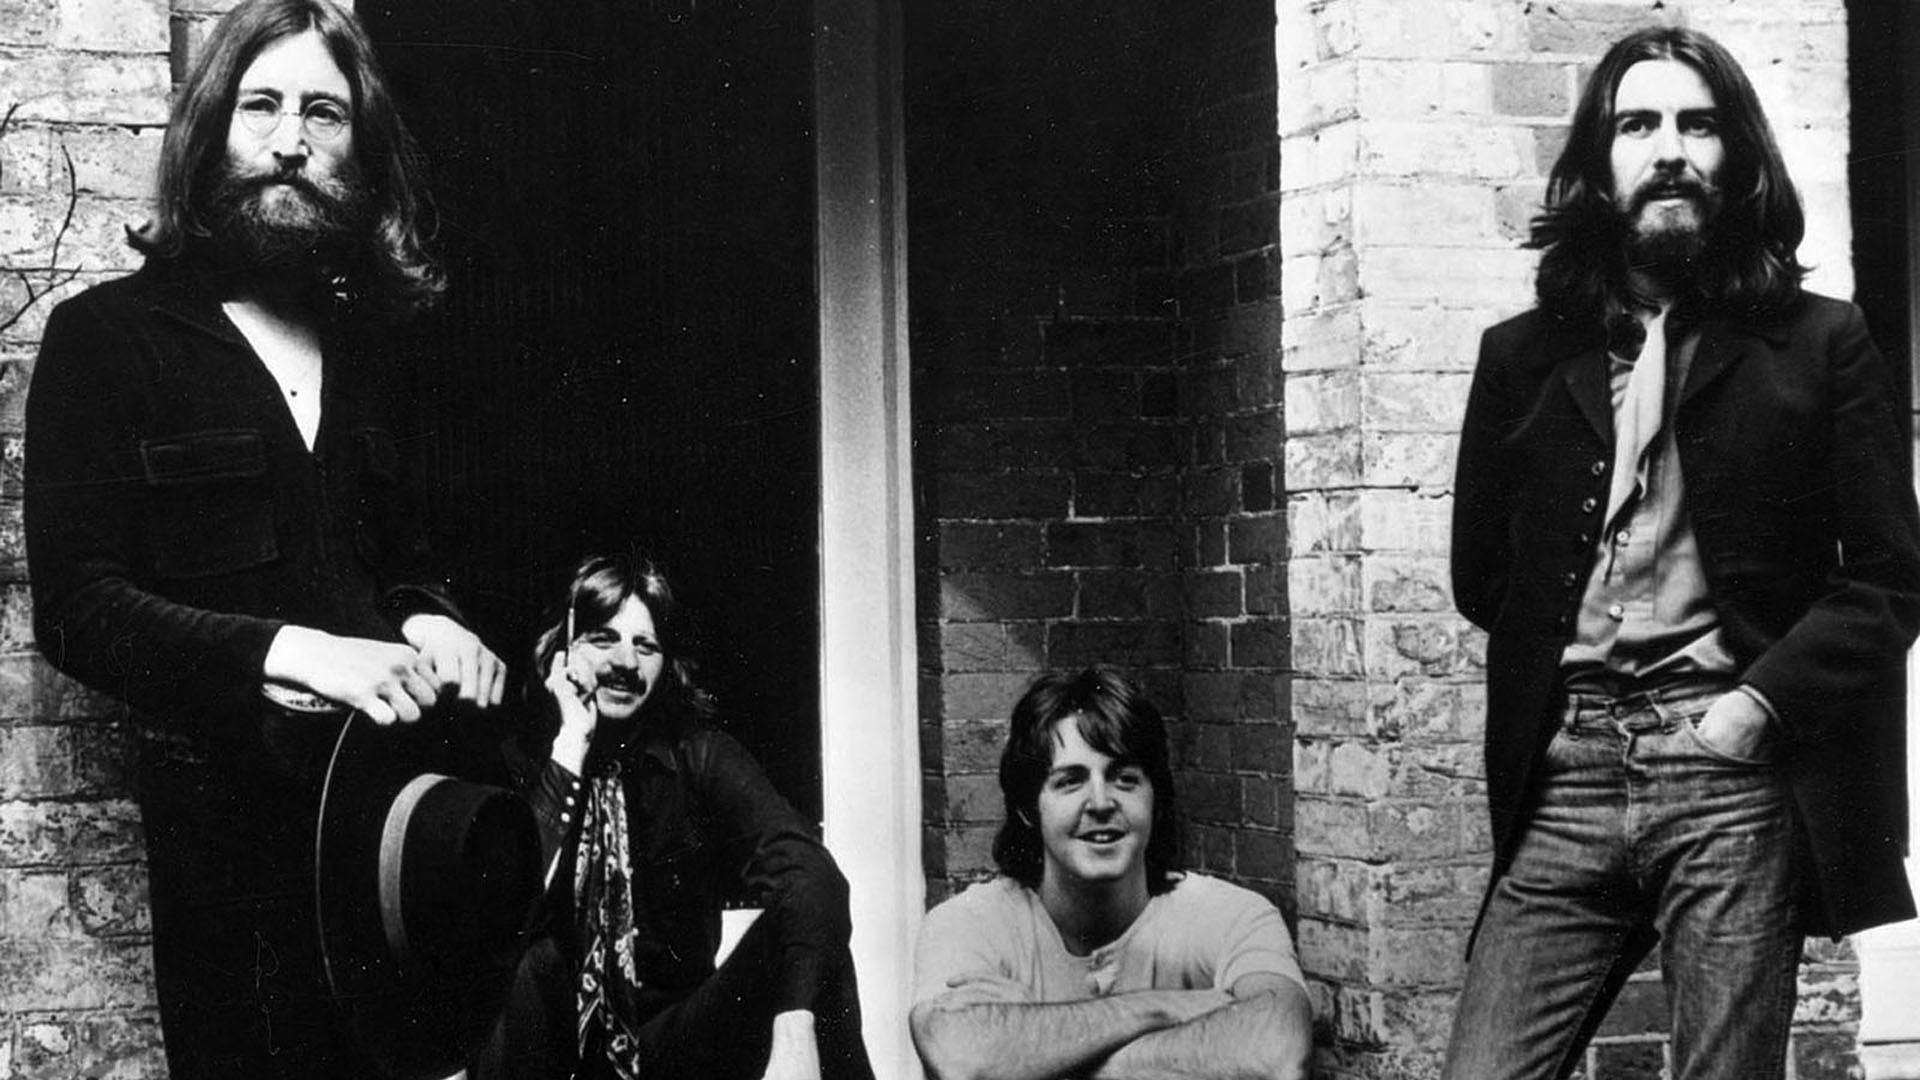 John Lennon download free wallpaper for pc in hd